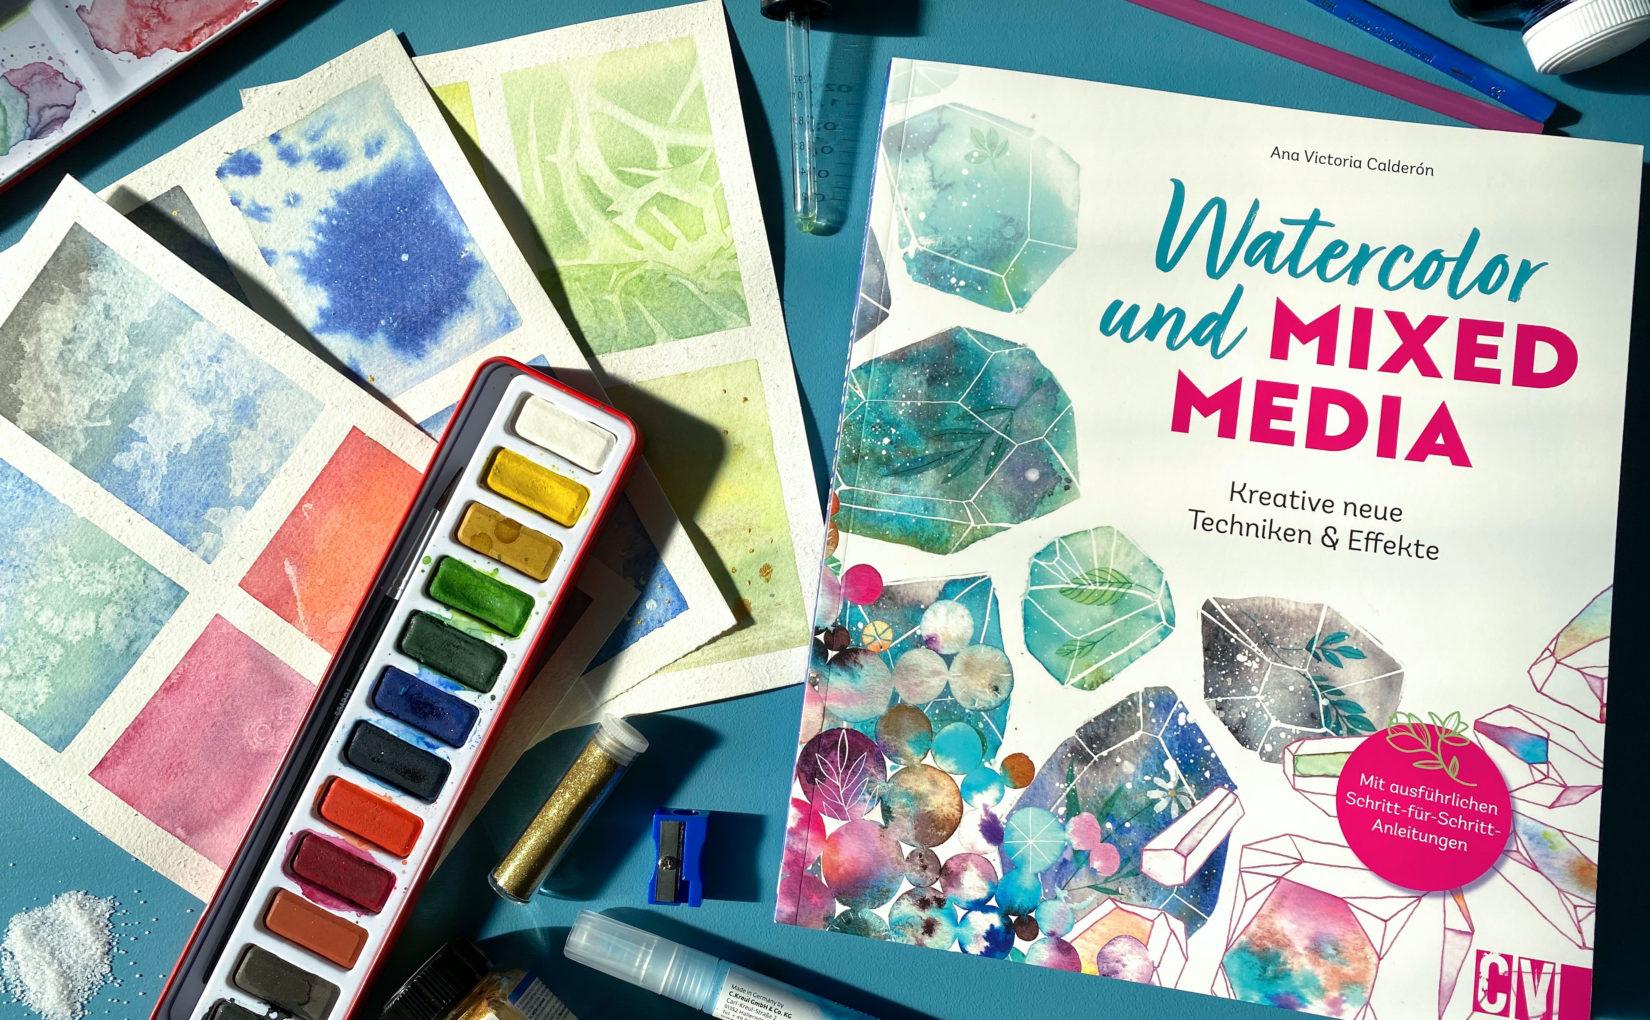 Watercolor und Mixed Media